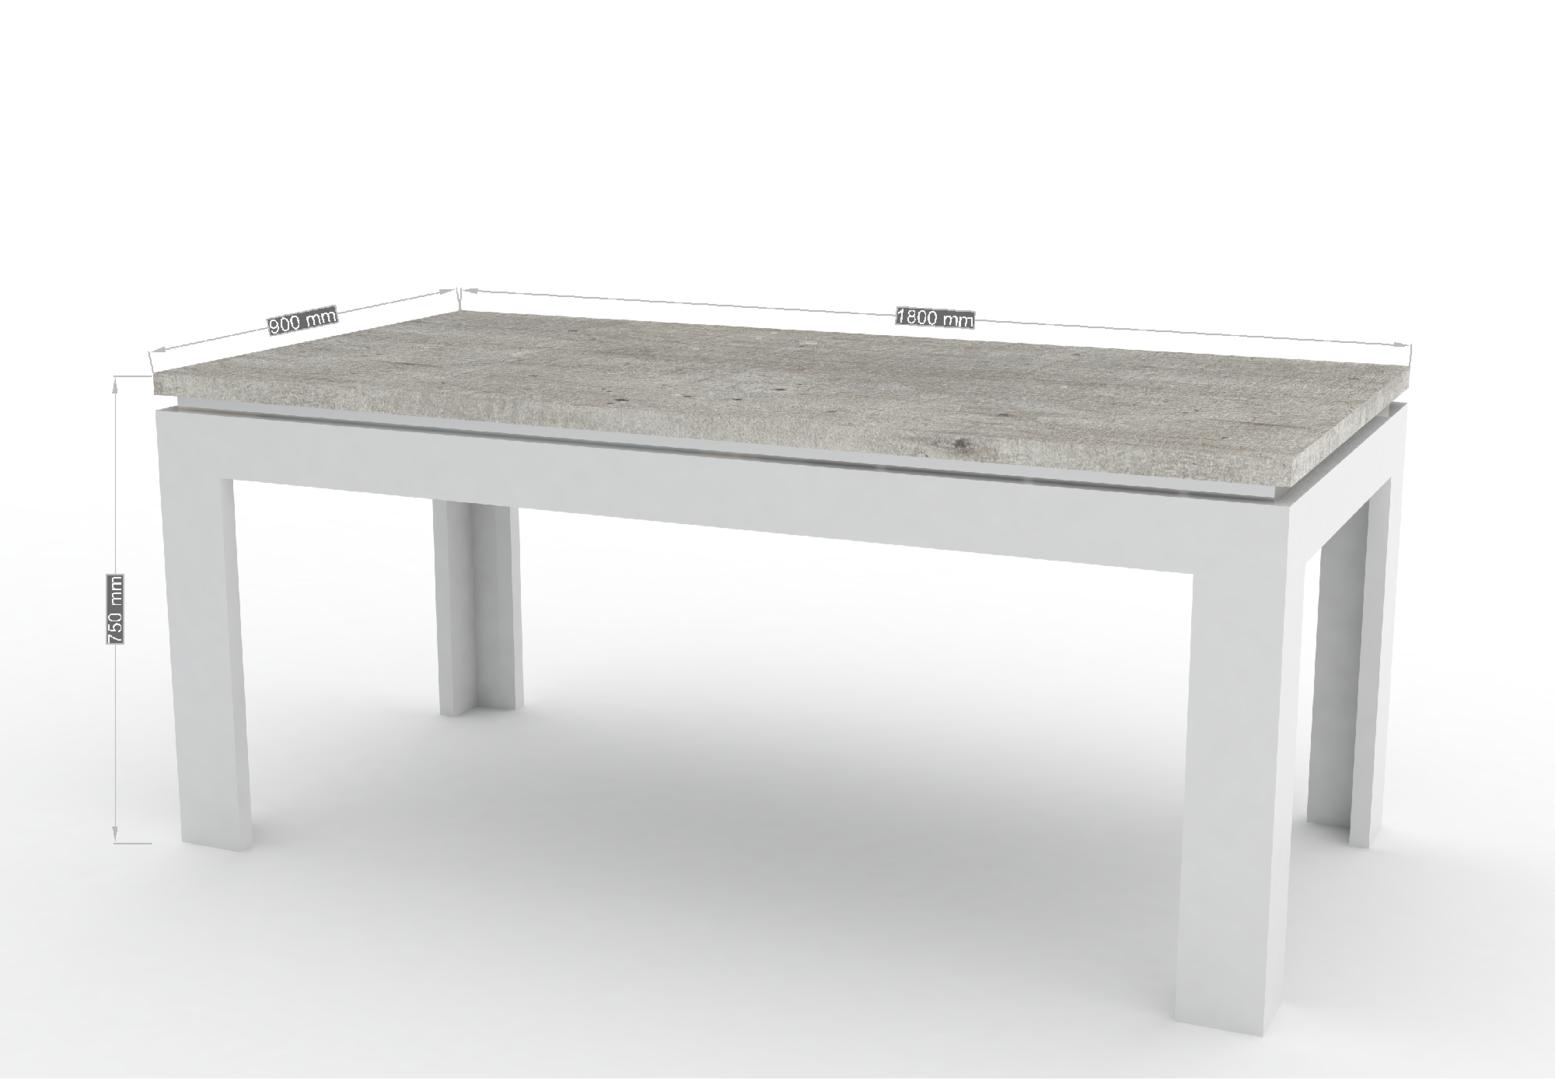 Tavolo moderno bianco messico mobile per sala da pranzo for Poltroncine tavolo da pranzo